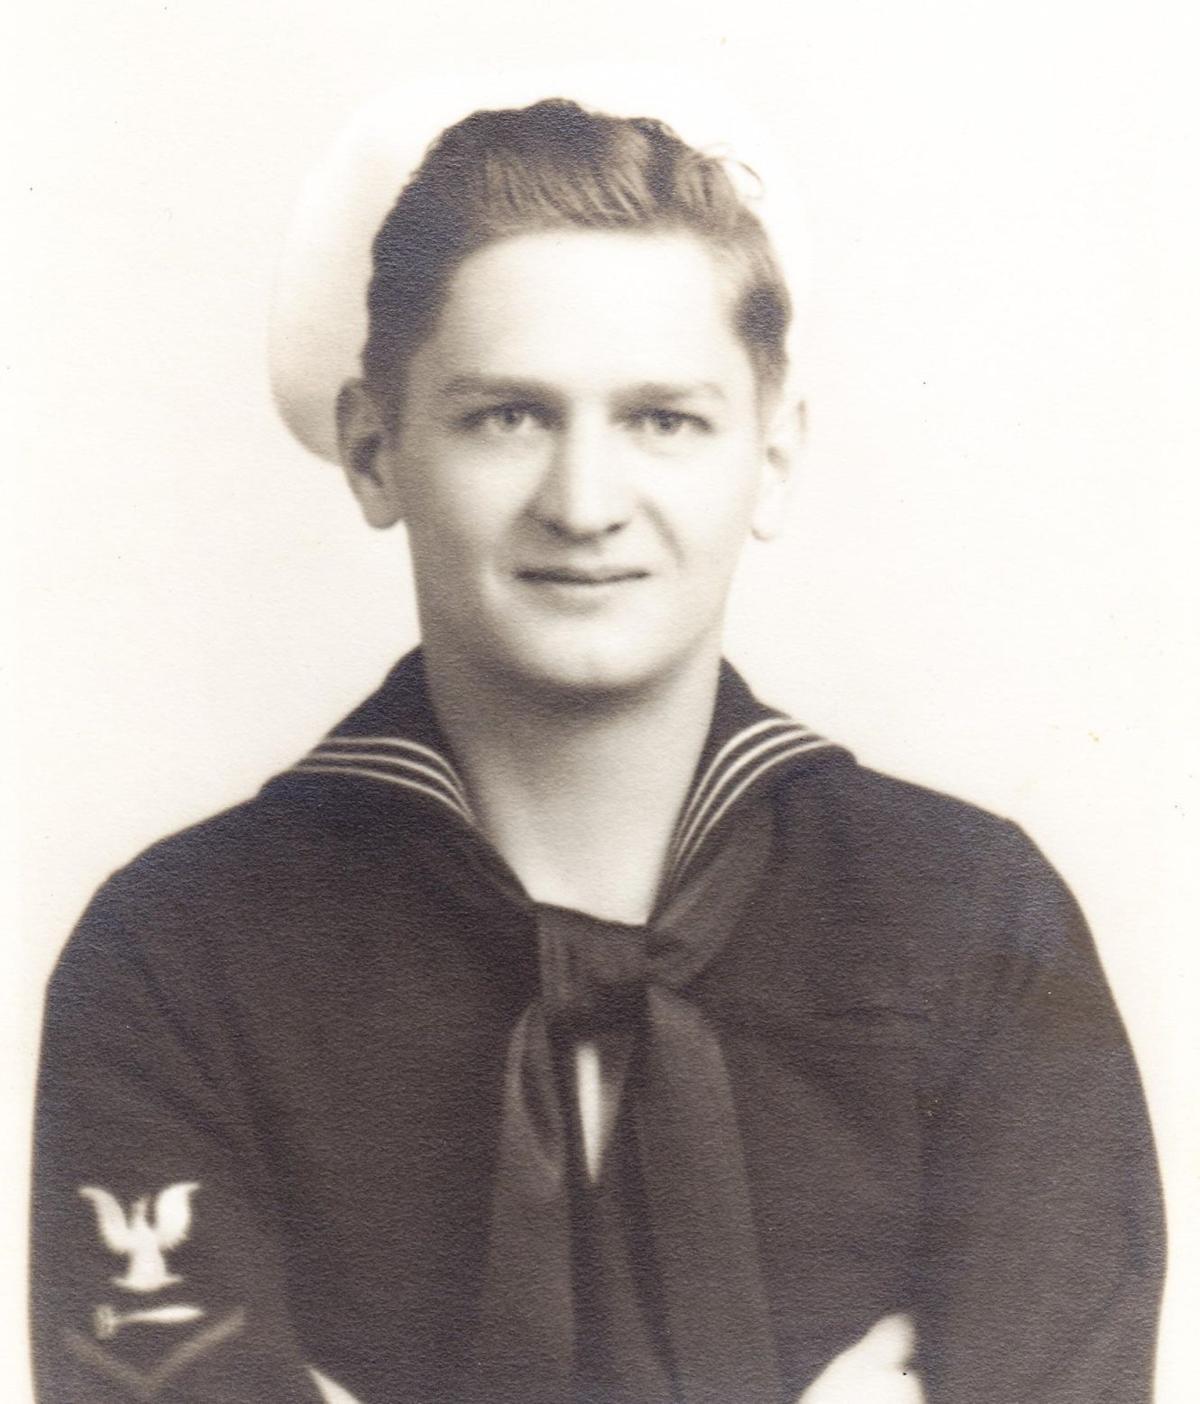 William R. Rinta